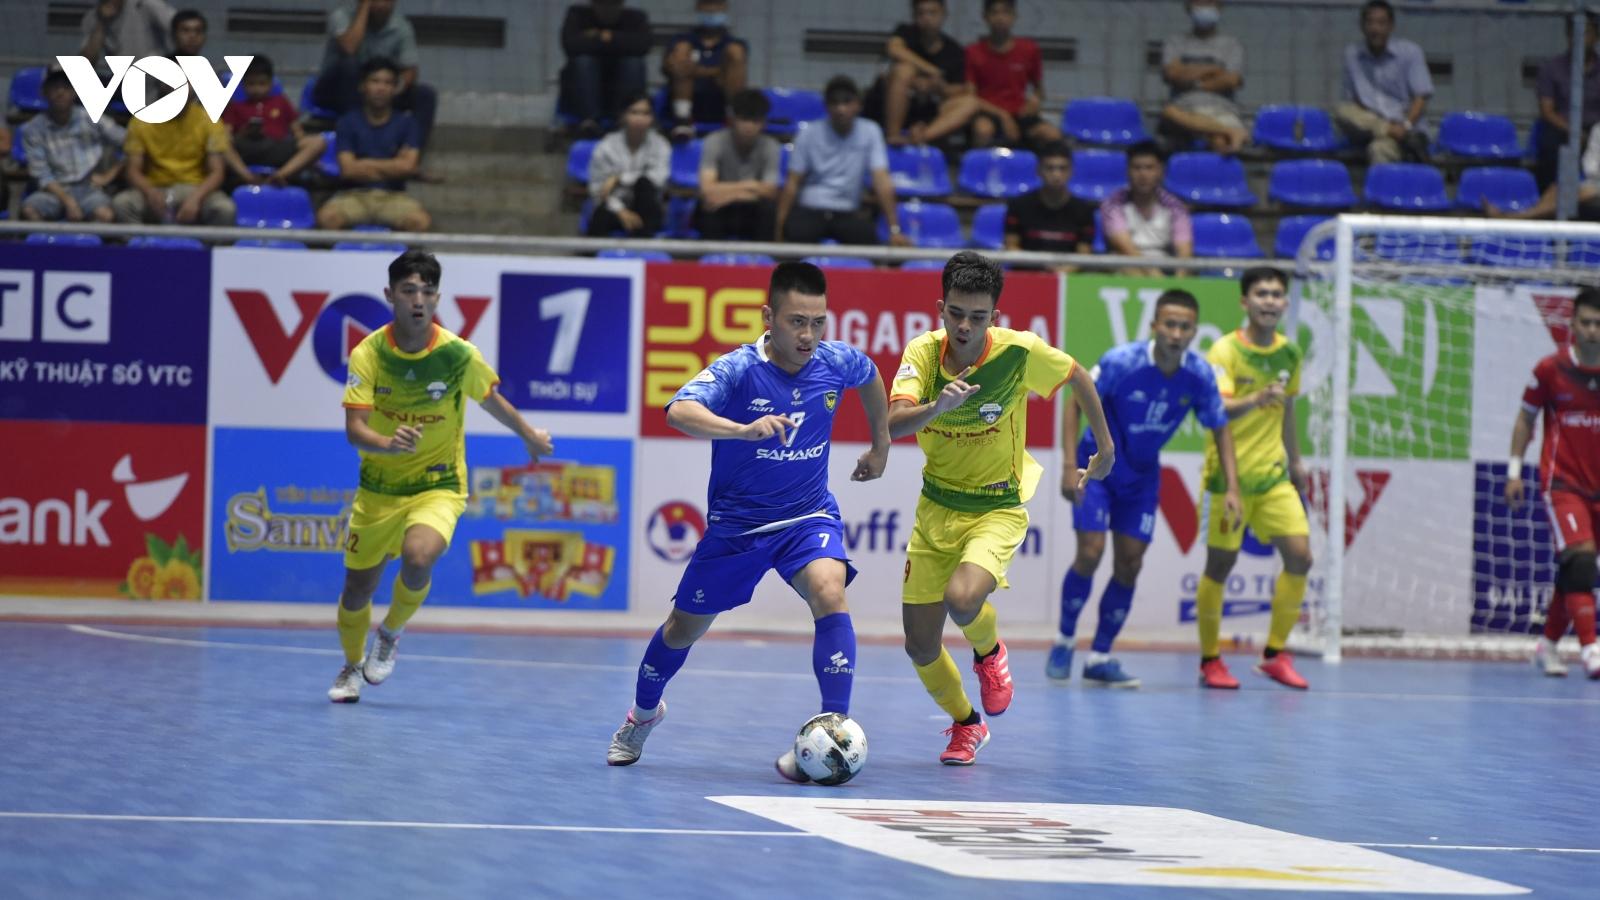 Giải Futsal HDBank VĐQG 2021: Sahako 4-1 Hiếu Hoa Đà Nẵng